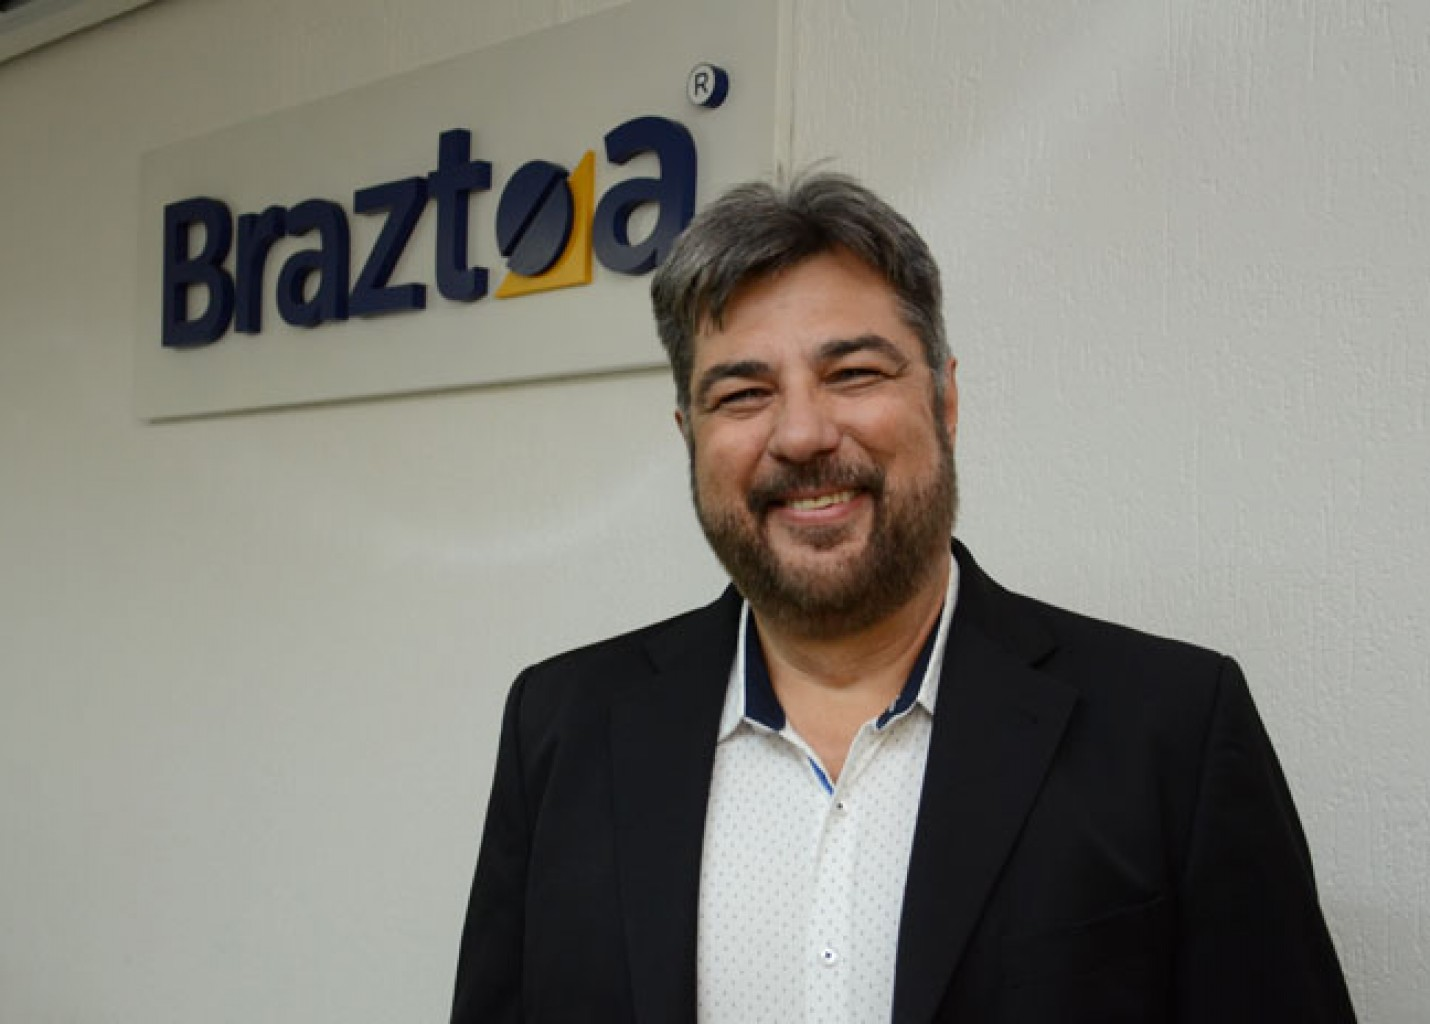 De perfil técnico, Roberto Nedelciu vira protagonista de uma Braztoa sólida e segura